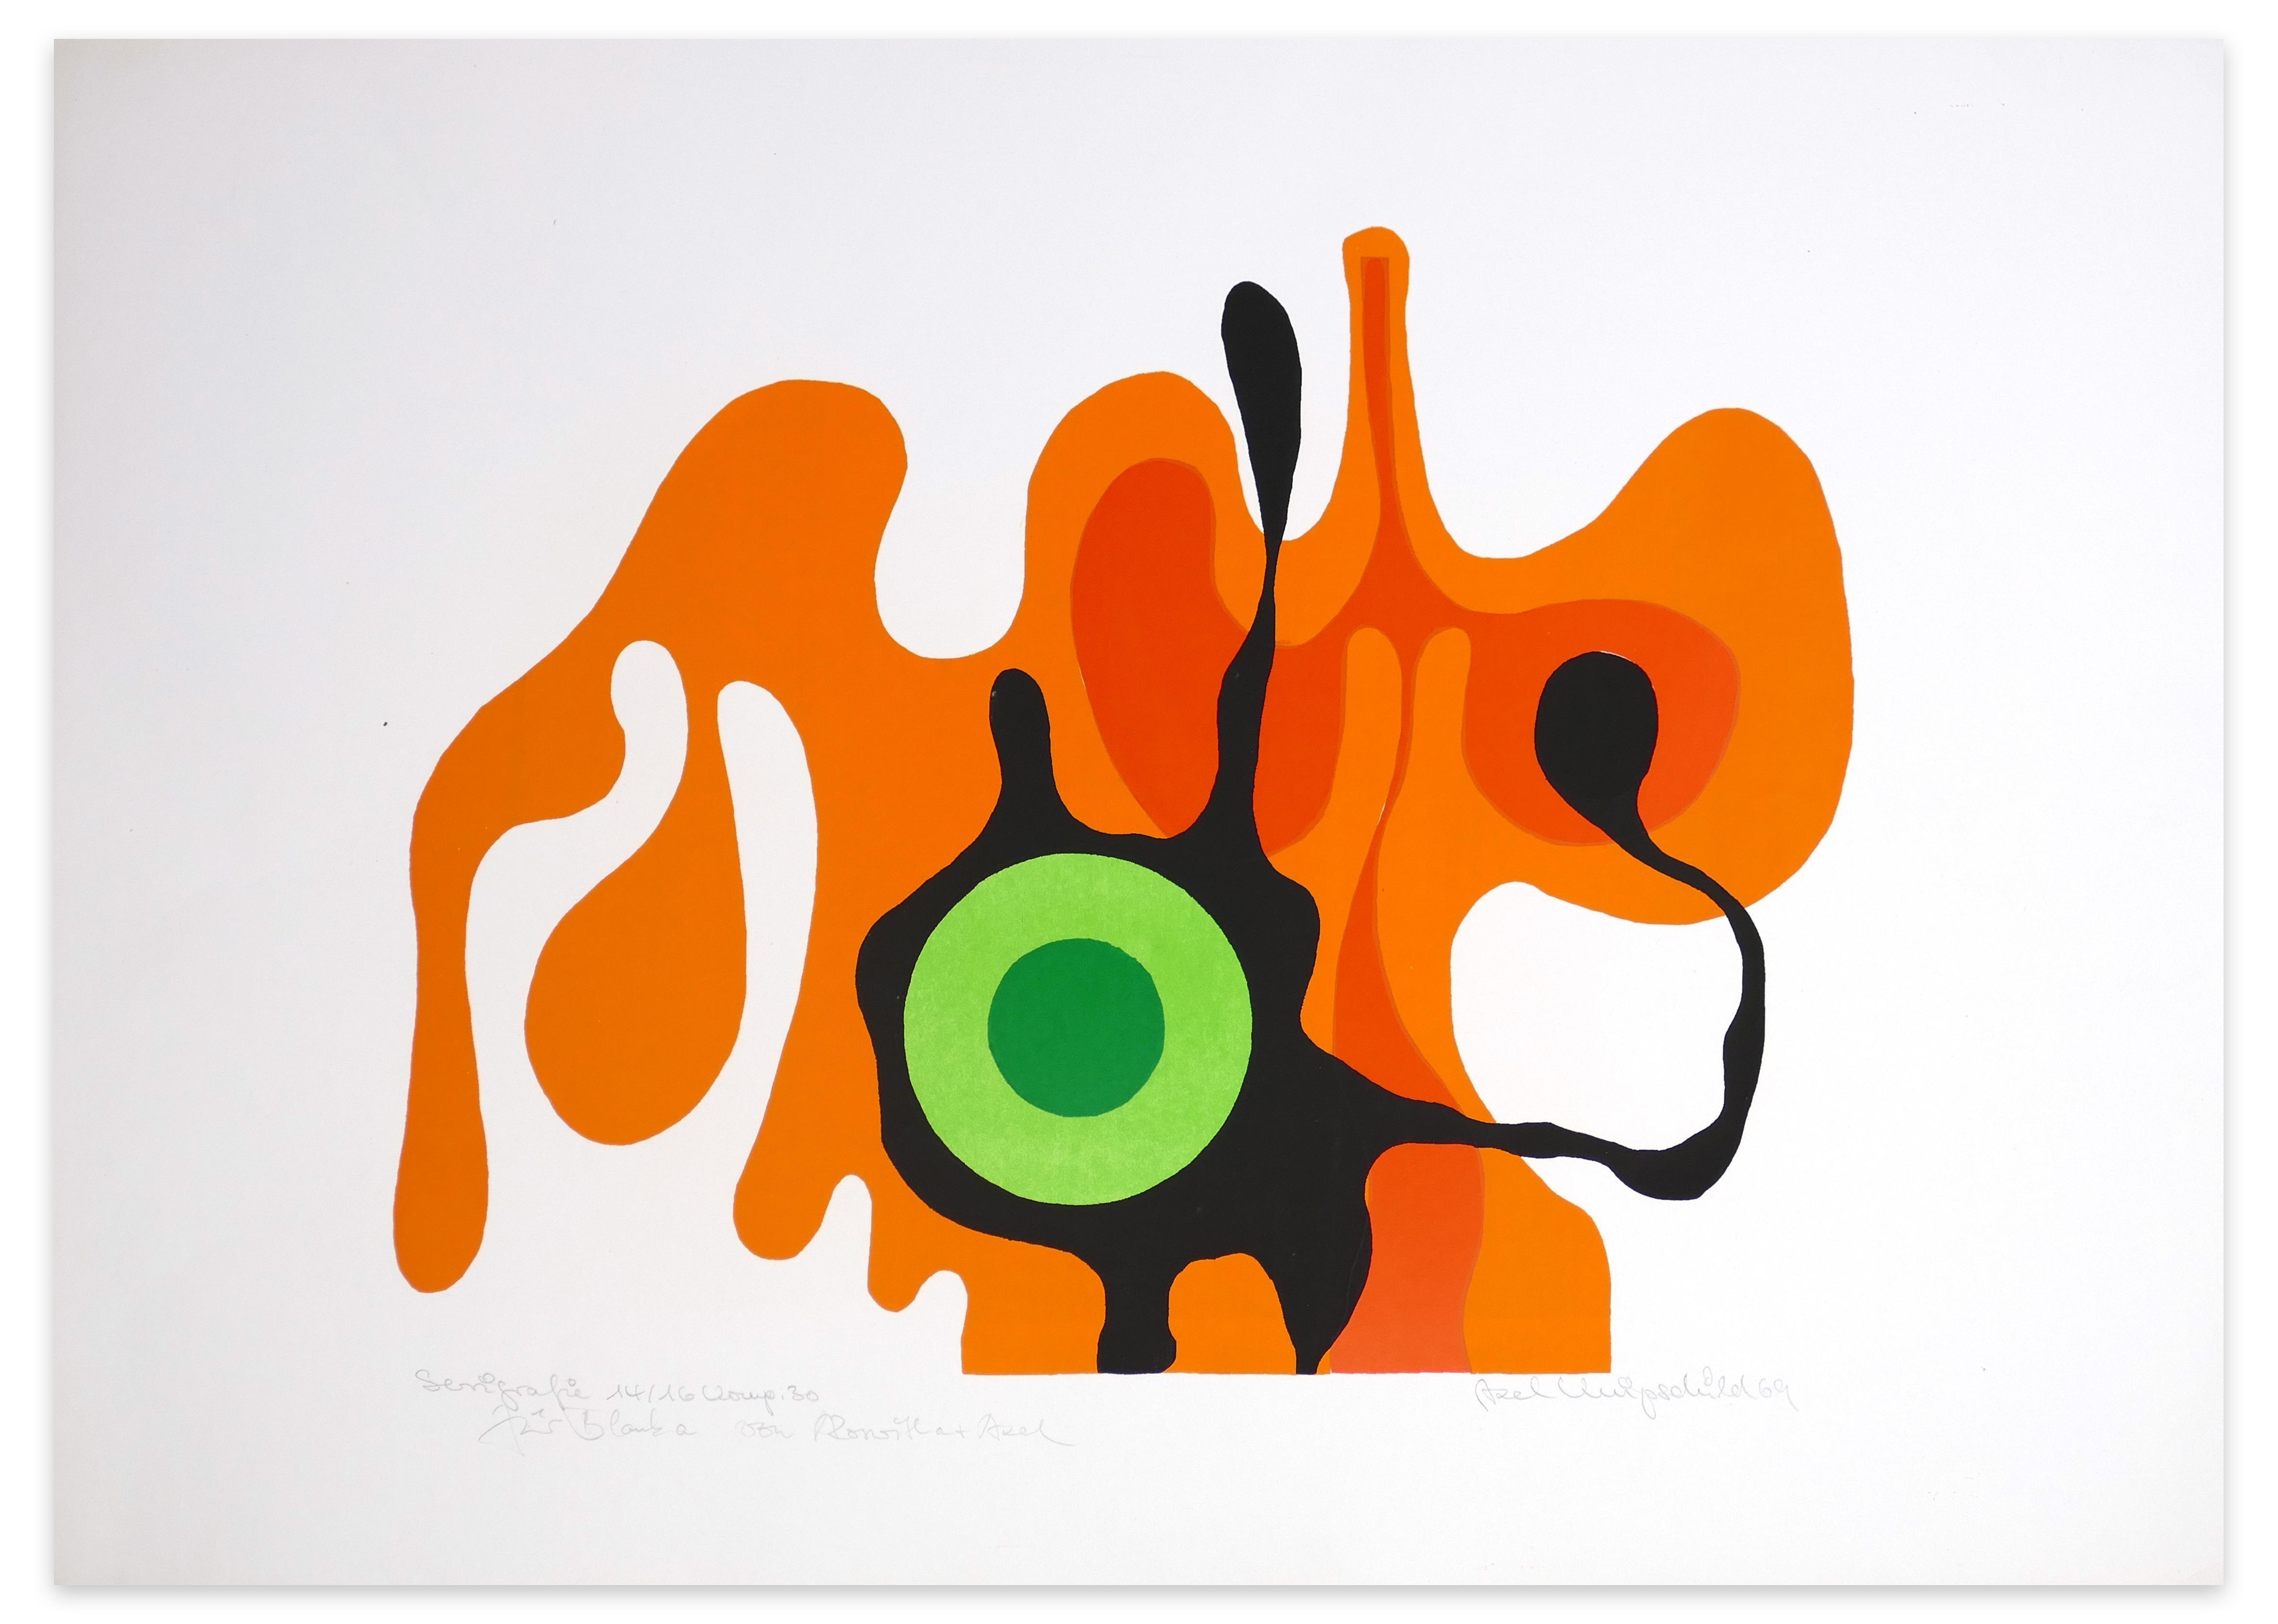 Green Eye - Original Screen Print by A. Knipschild - 1969